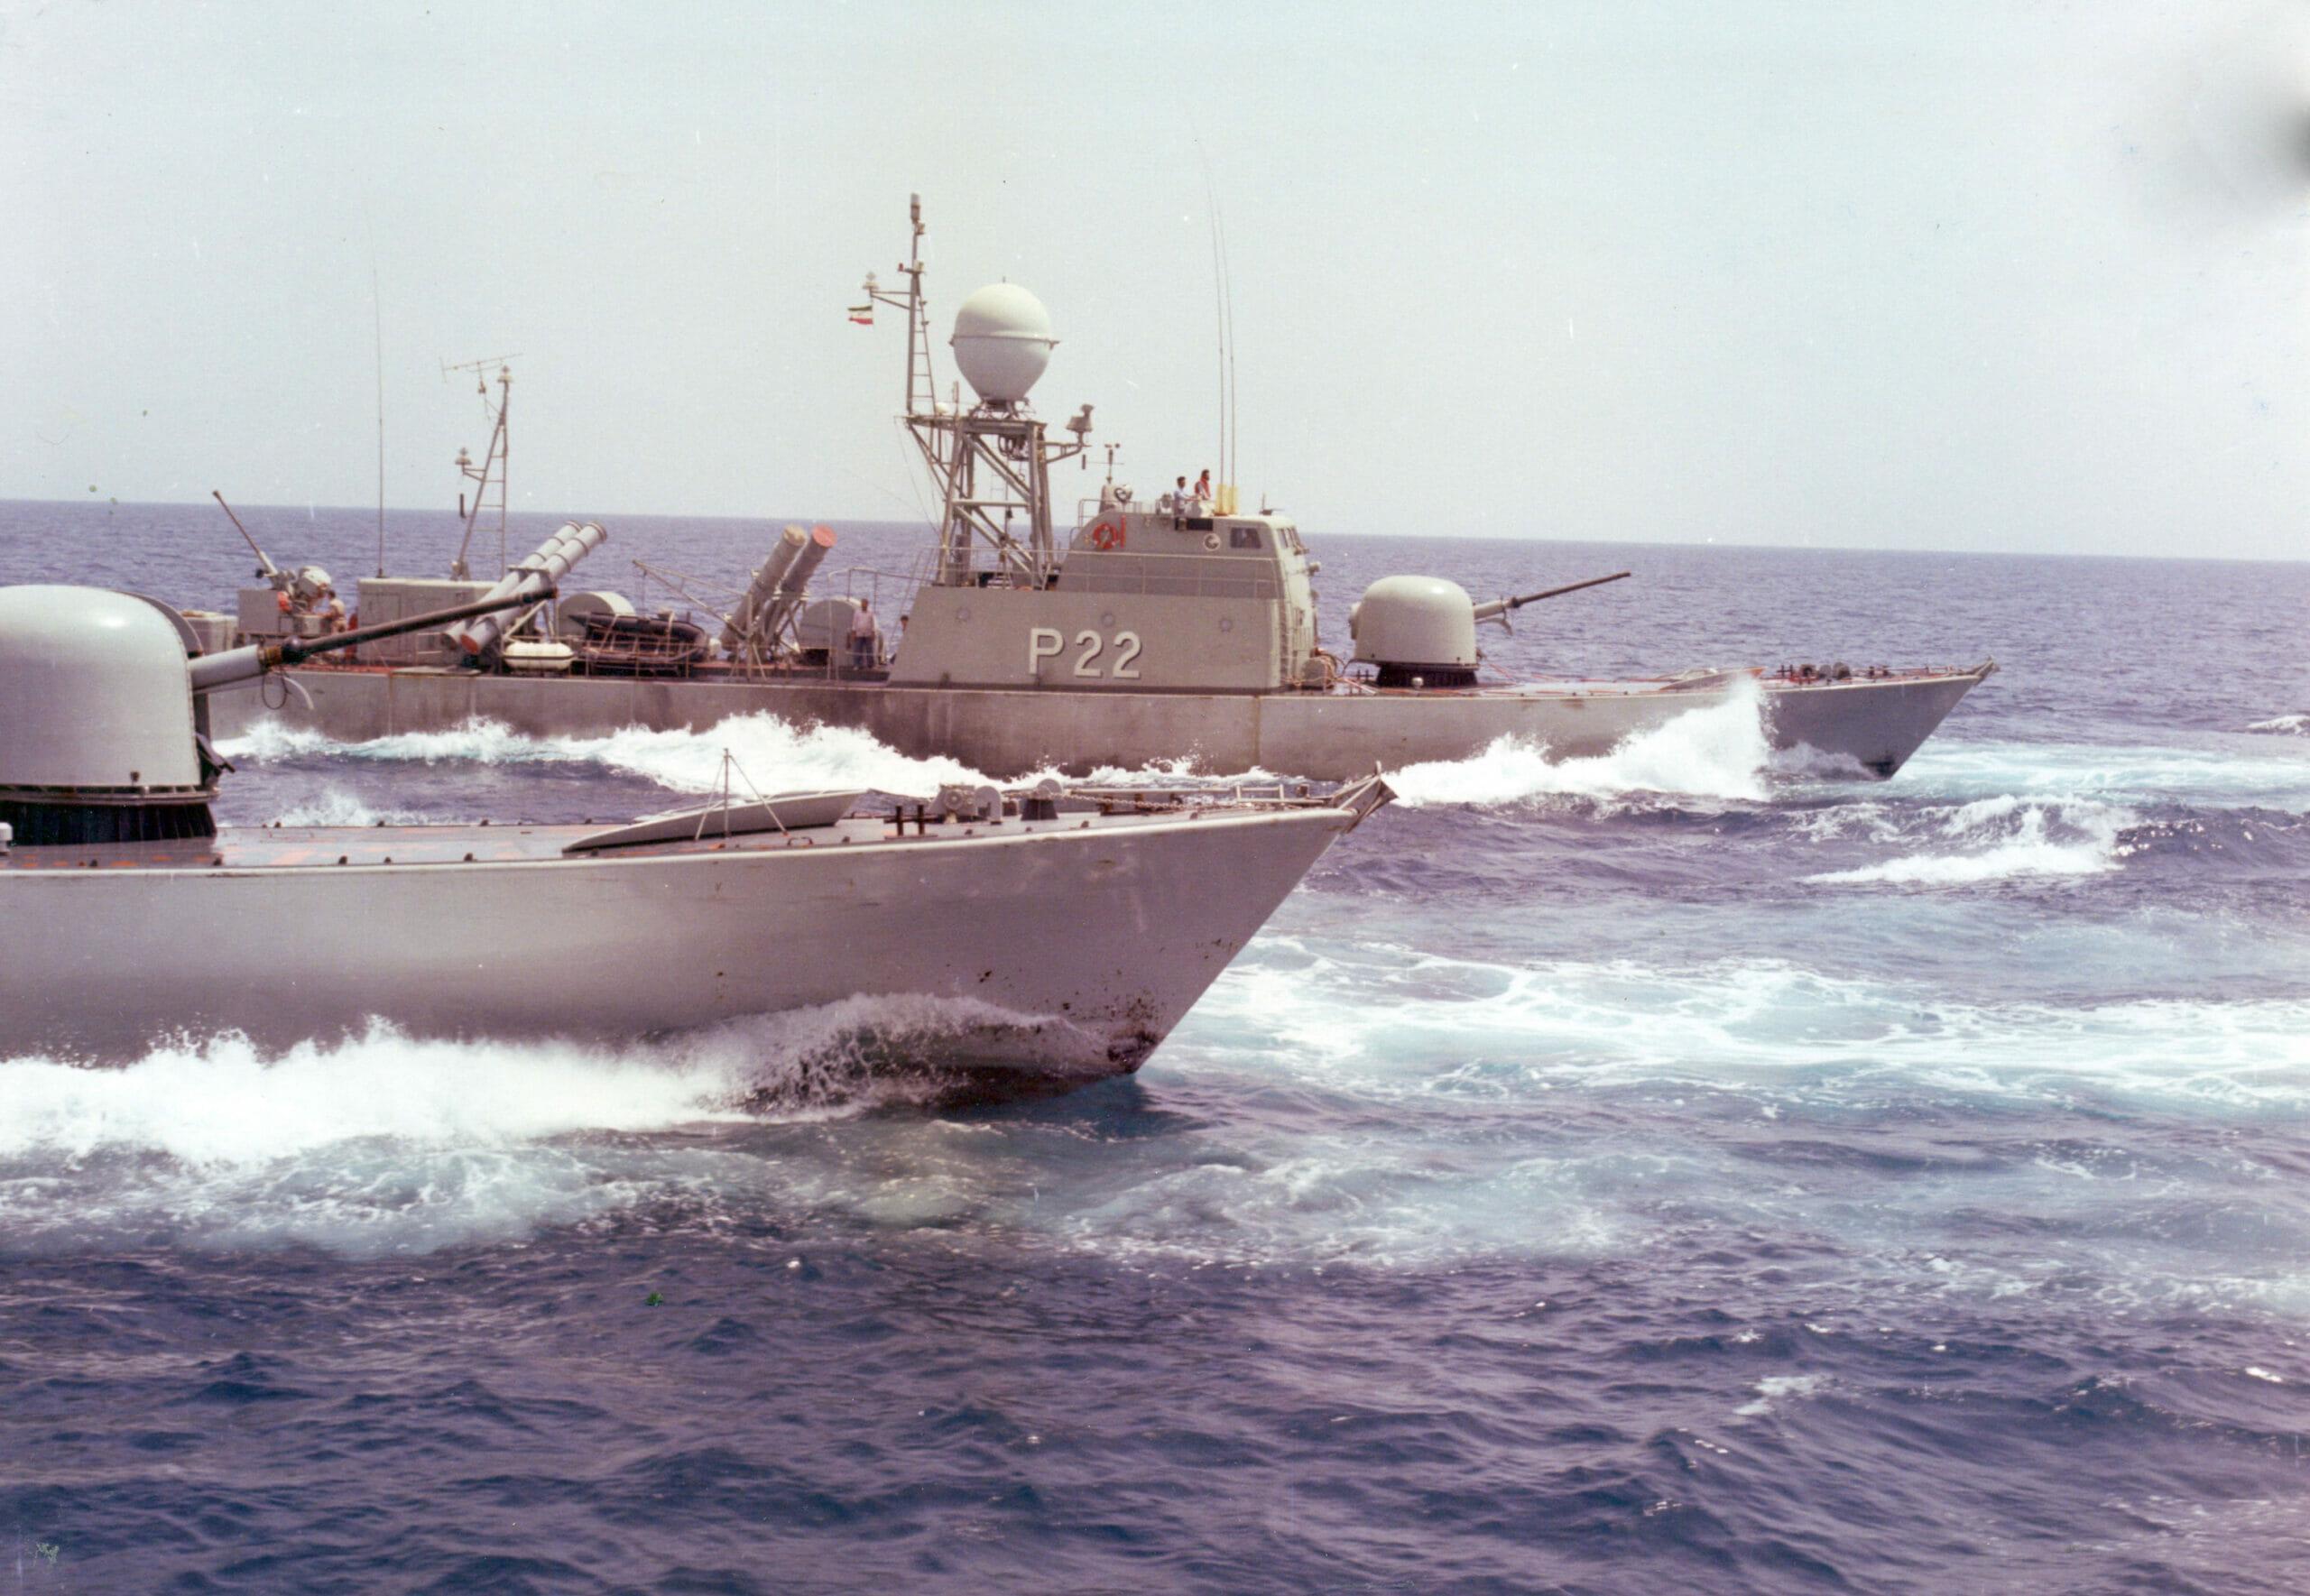 شیوع کرونا هیچ خللی در ماموریت نیروی دریایی ارتش نداشته است